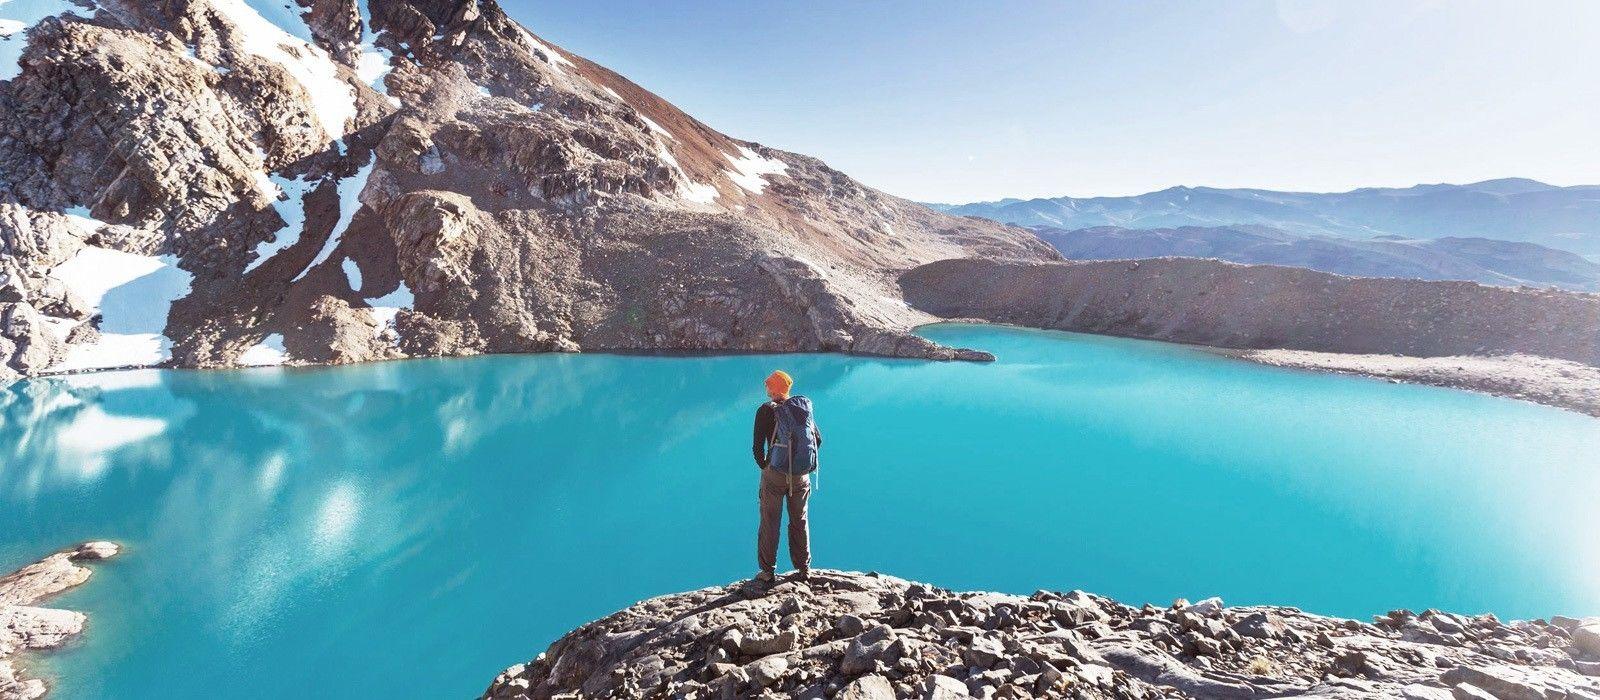 Wanderreise in Patagonien Urlaub 3